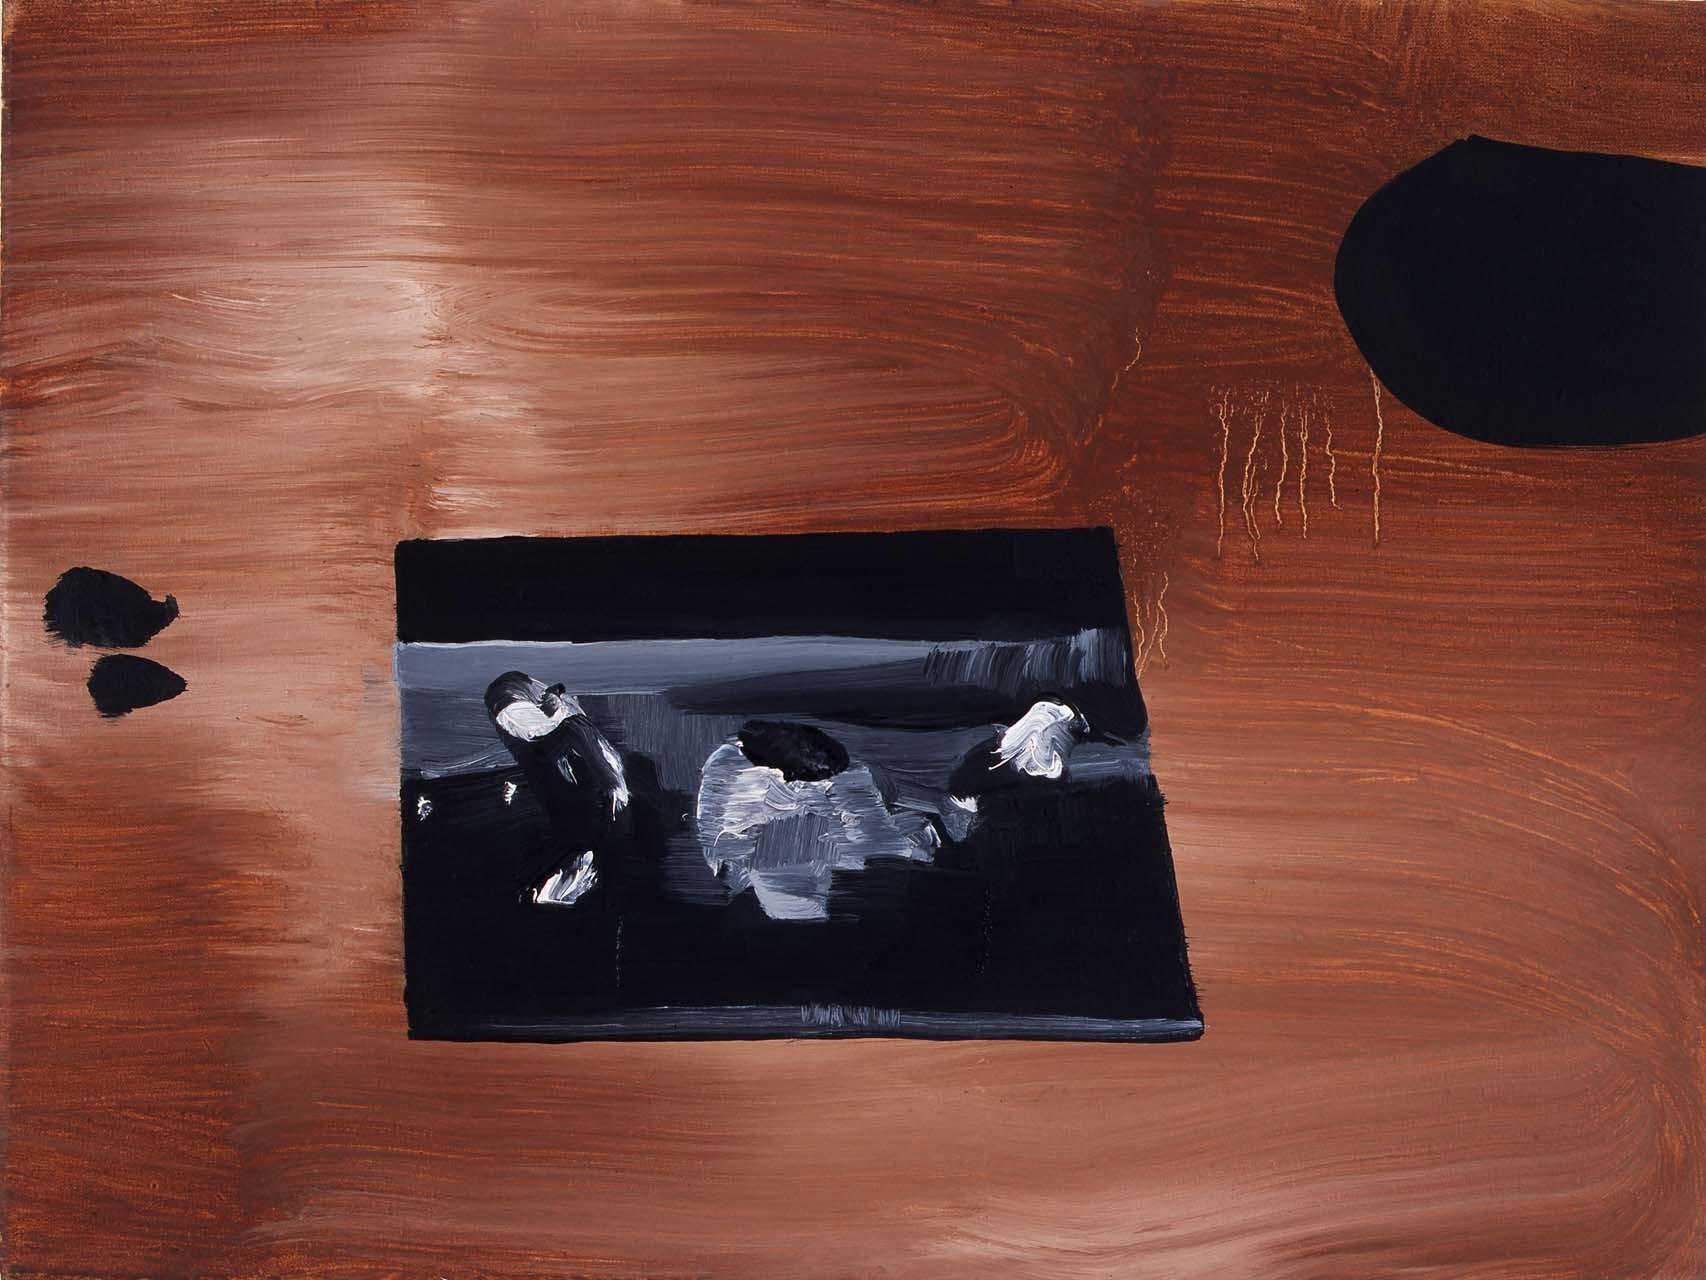 <p>Untitled (snapshot), 2003</p>